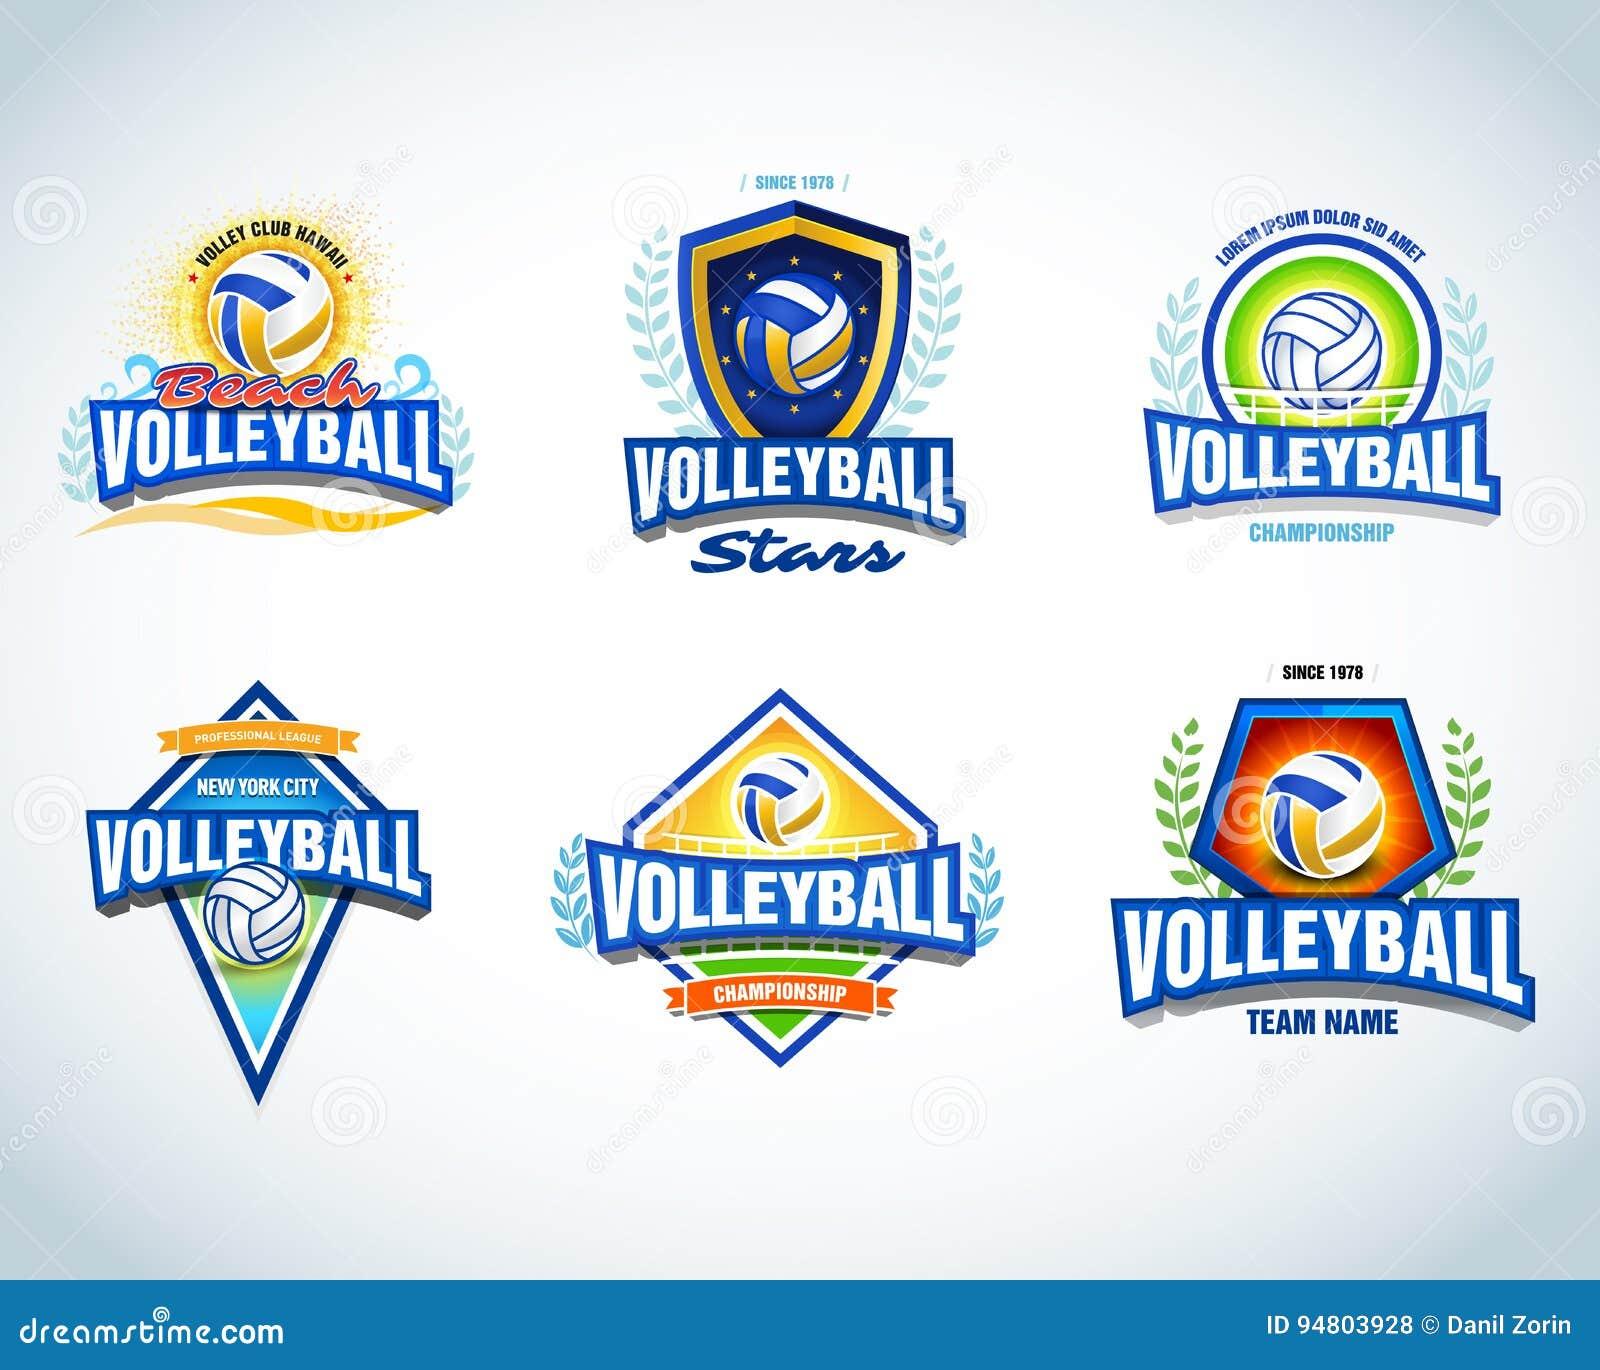 b4f7428d Volleyball logo templates set. Volleyball emblem, logotype template, t-shirt  apparel design. Volleyball ball.